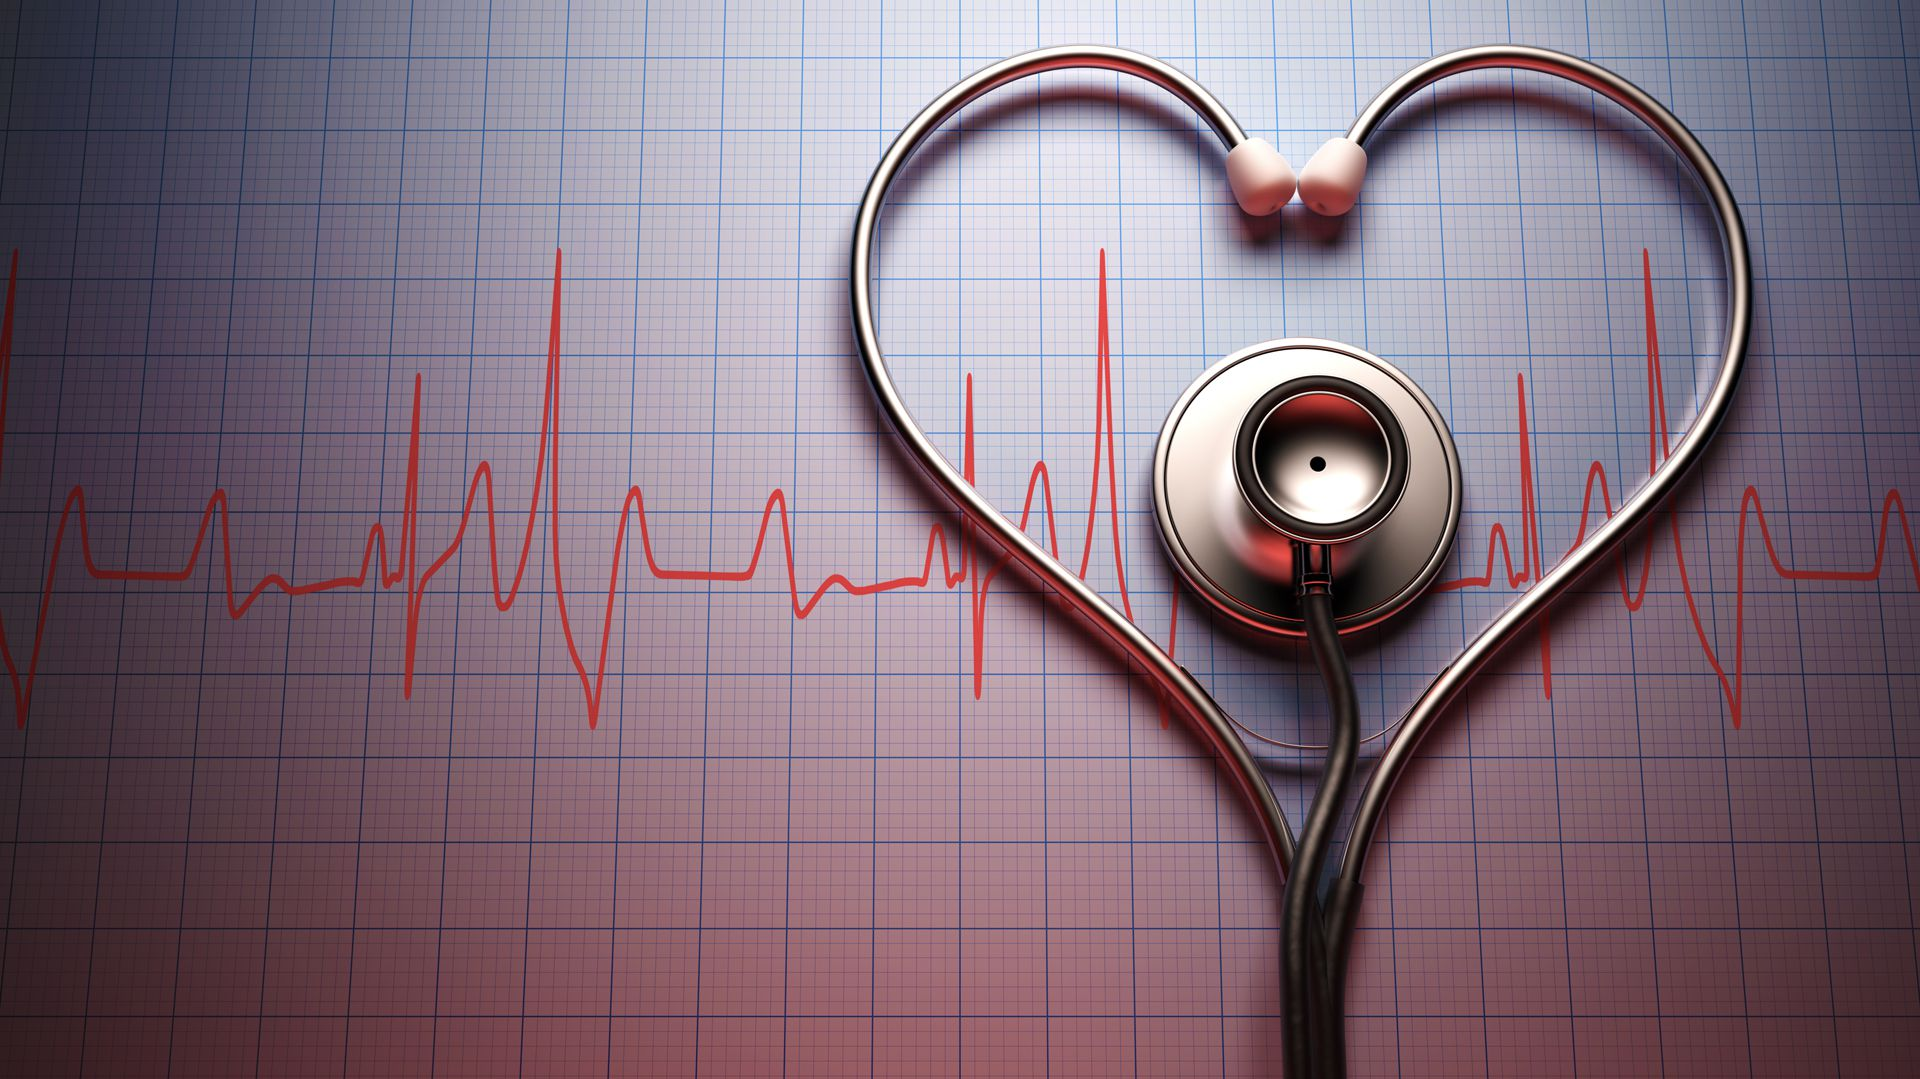 Las enfermedades cardiovasculares son la primera causa de muerte en el mundo (iStock)